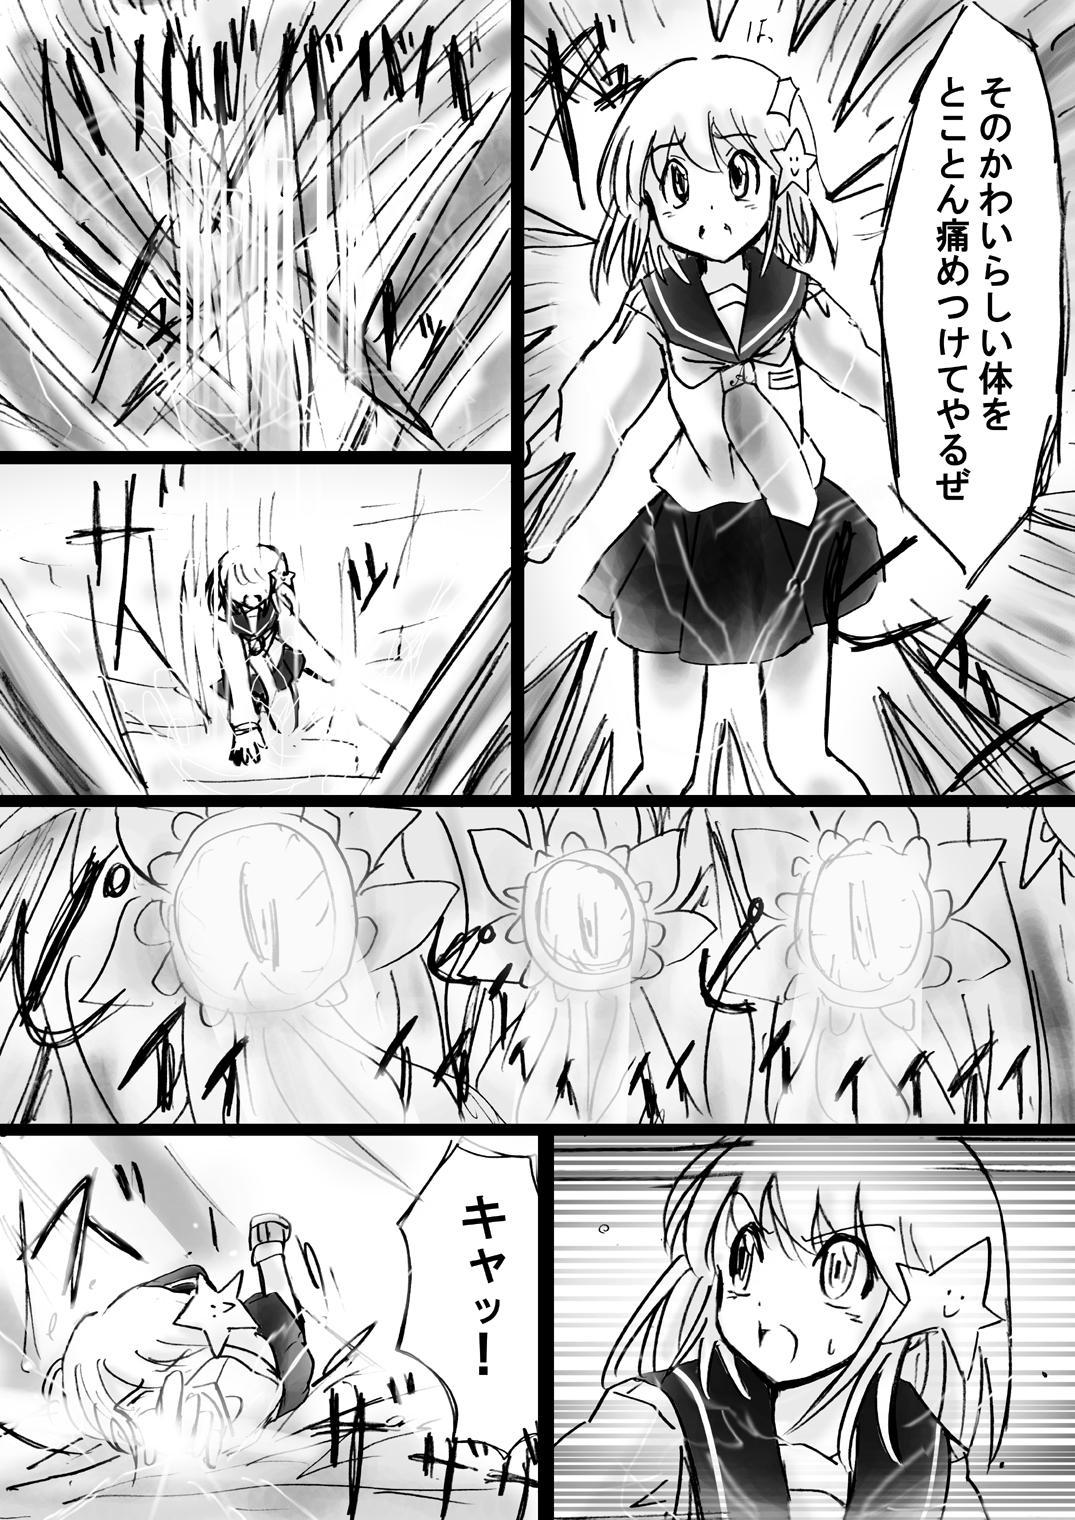 [Dende] Fushigi Sekai -Mystery World- no Nona 17 ~ Taiketsu Fujimi no Dai Inma Dakurasu, Kanzen Sekka no Kyoufu 62